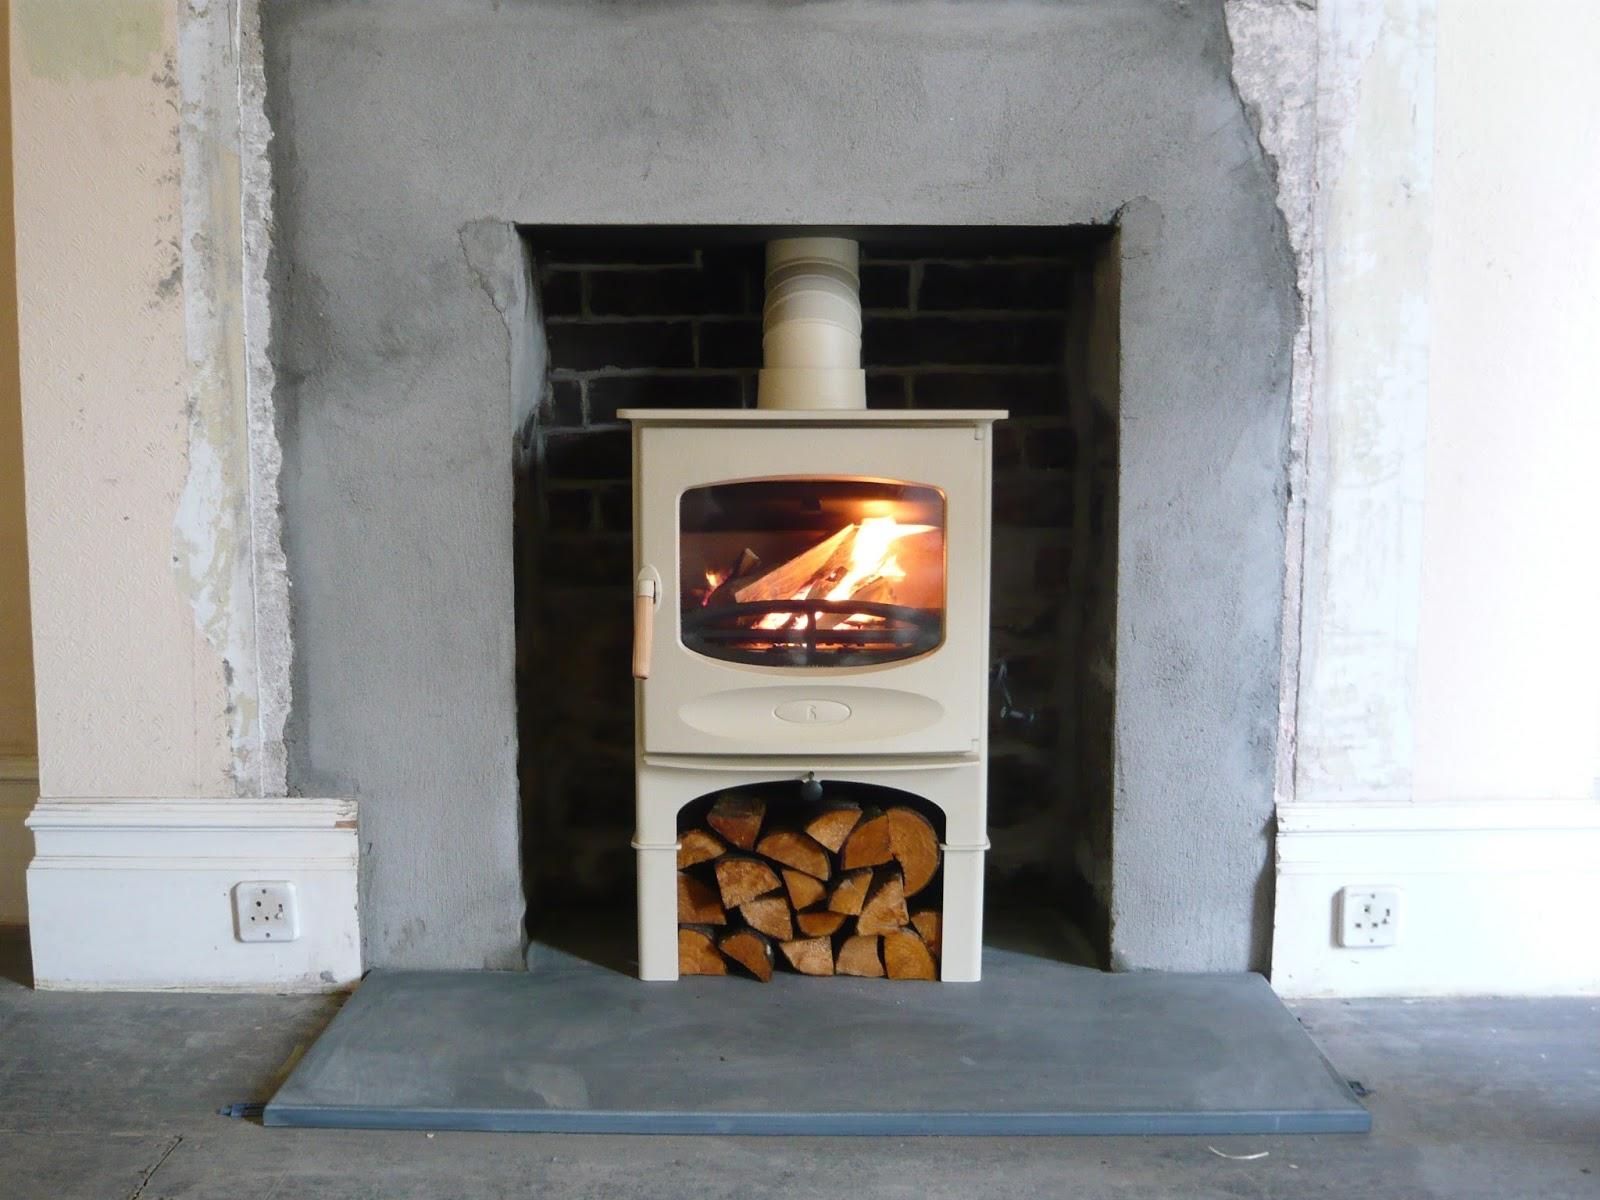 redwood stoves ltd cornwall august 2013. Black Bedroom Furniture Sets. Home Design Ideas